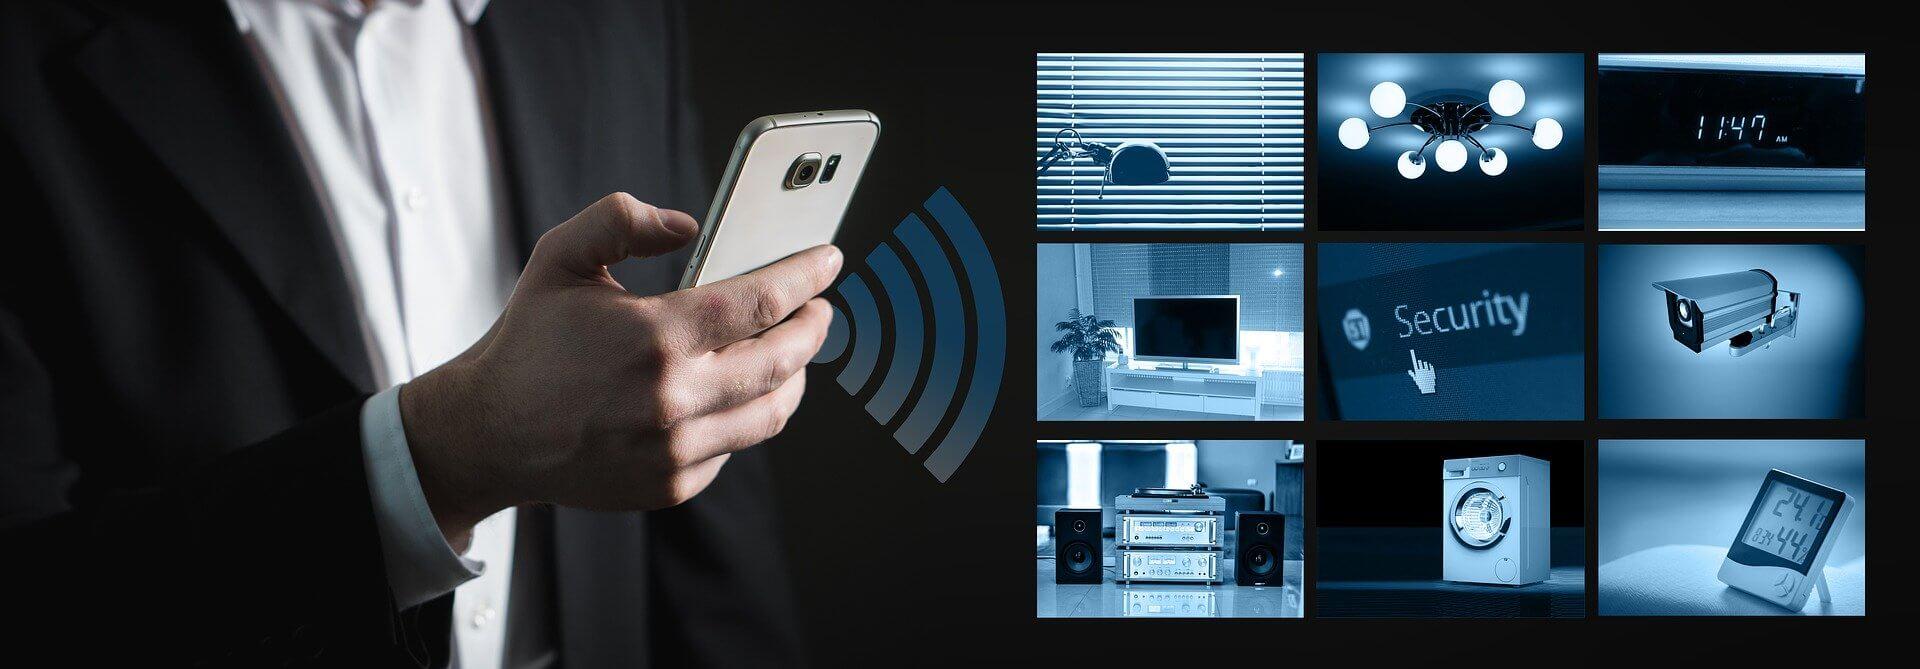 hoe bescherm je jouw IoT-smart home tegen hackers